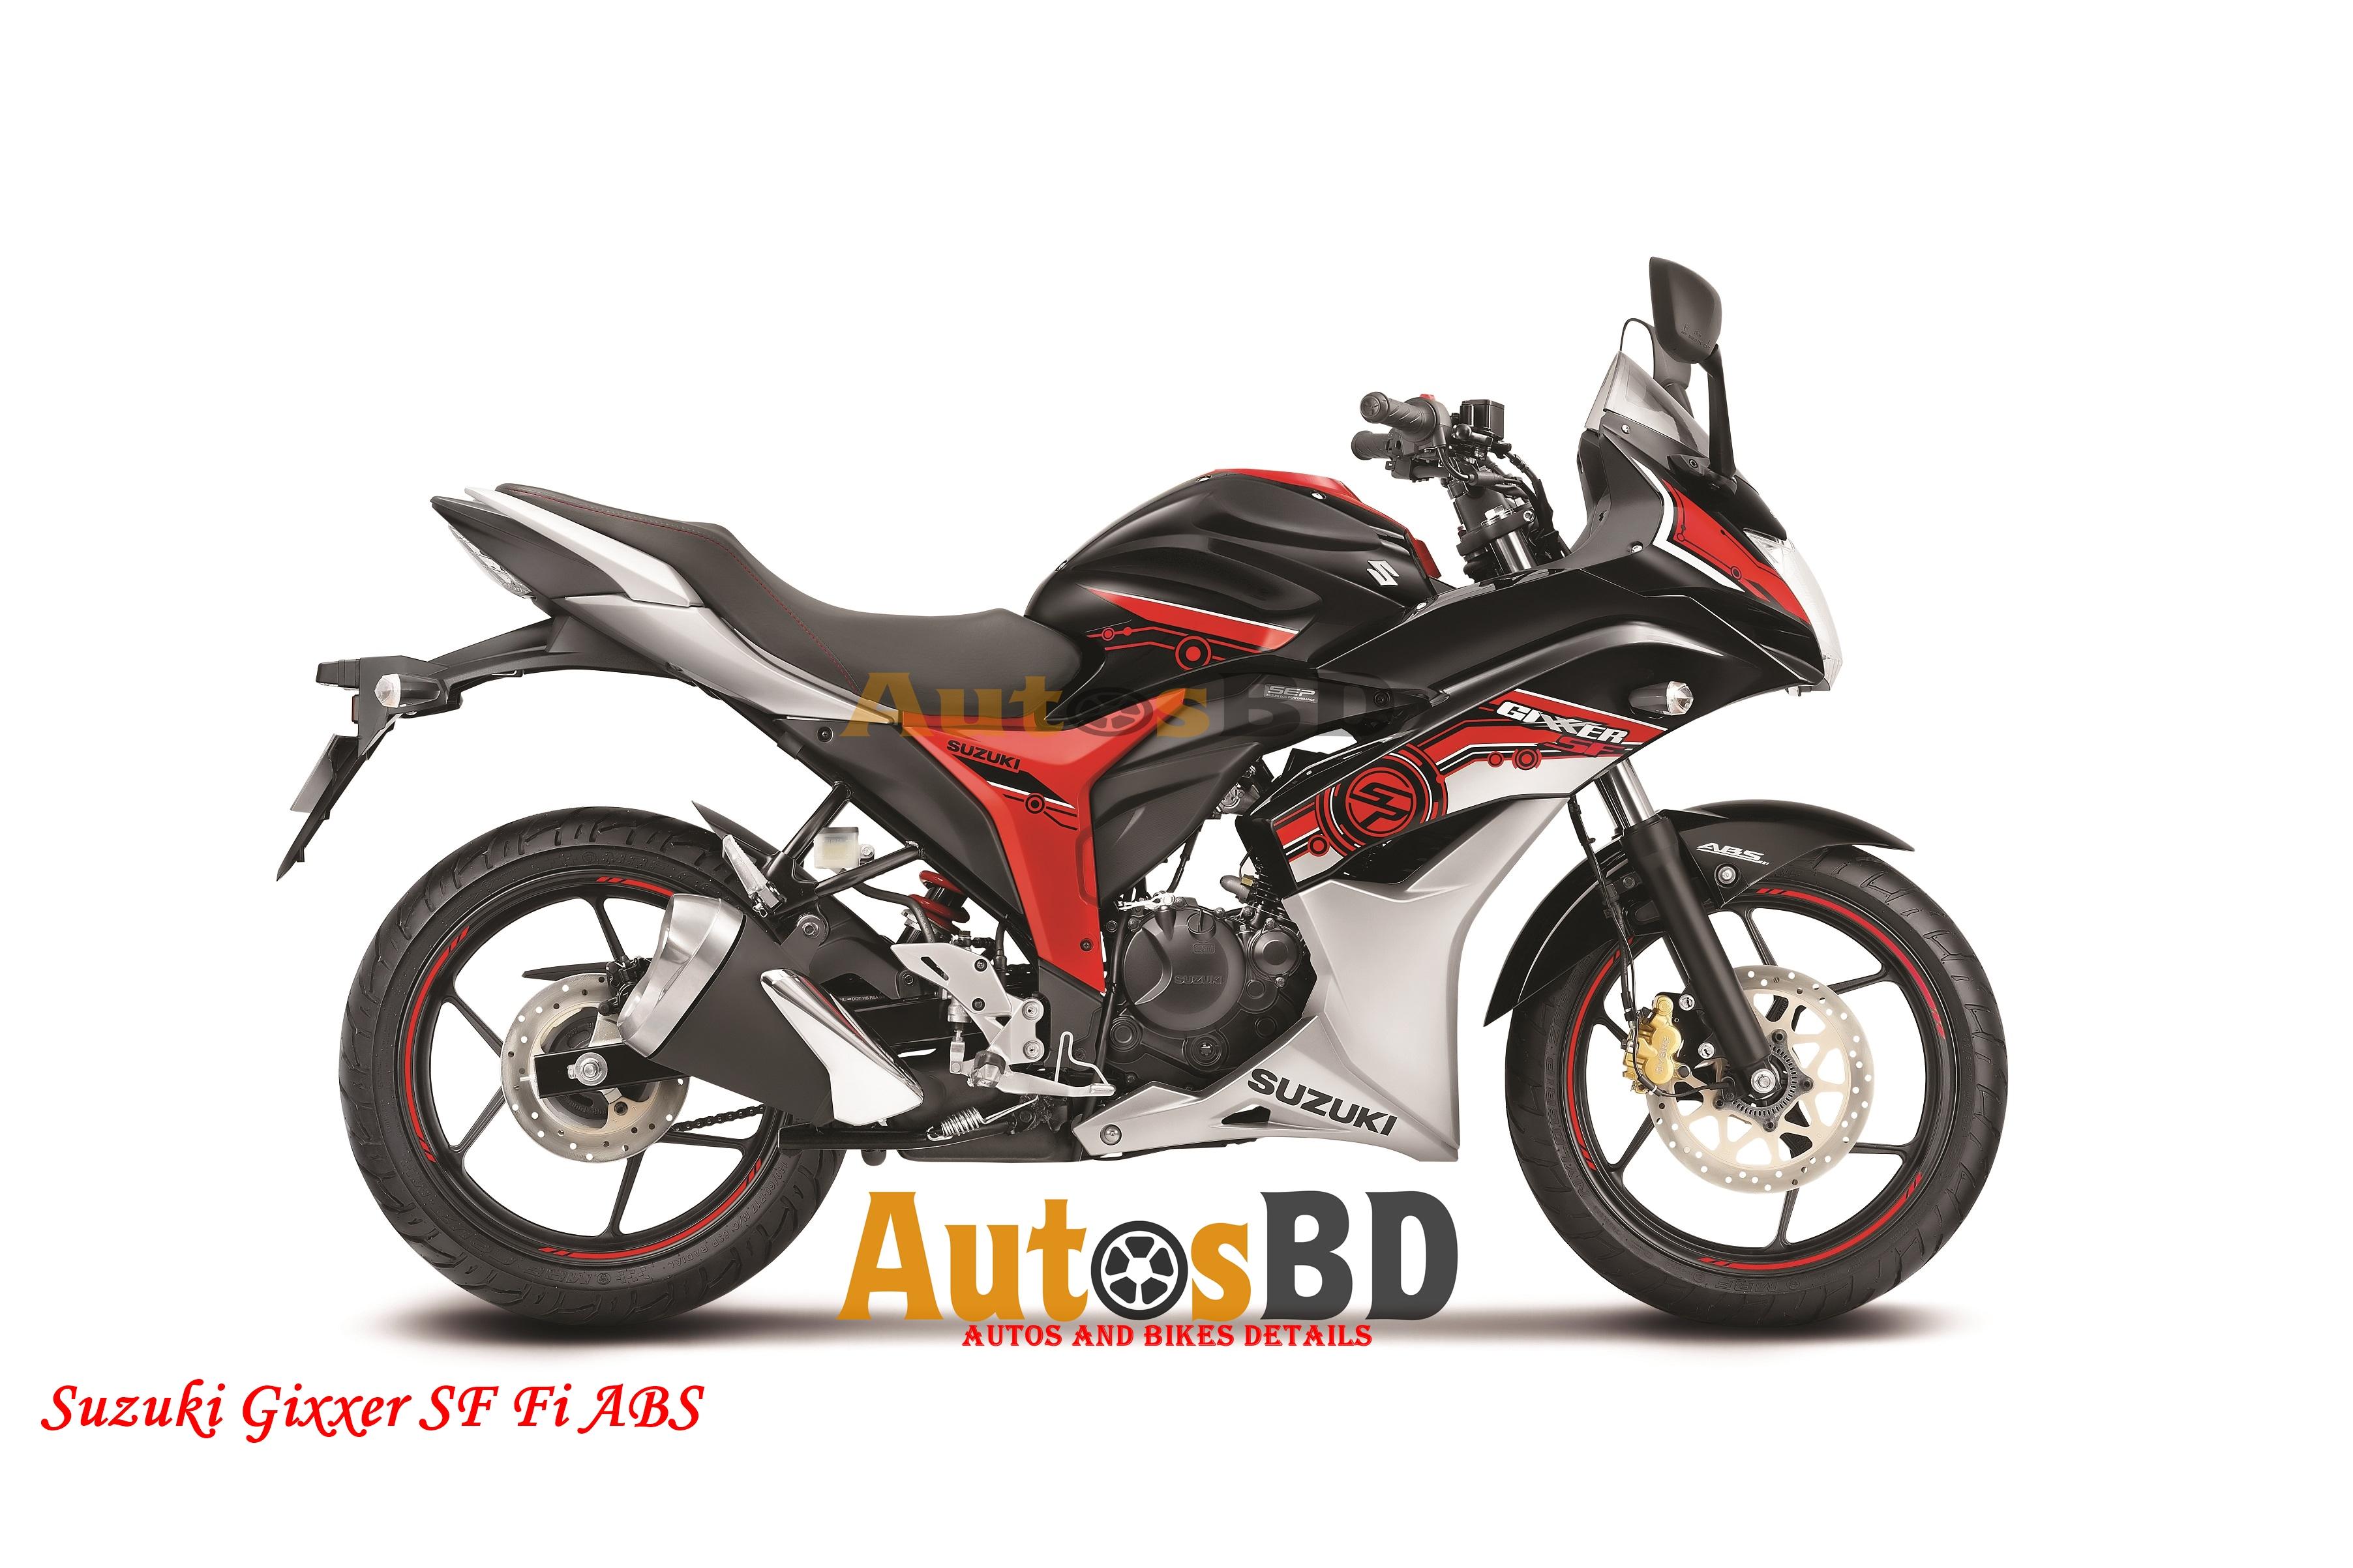 Suzuki Gixxer SF Fi ABS Motorcycle Price in Bangladesh